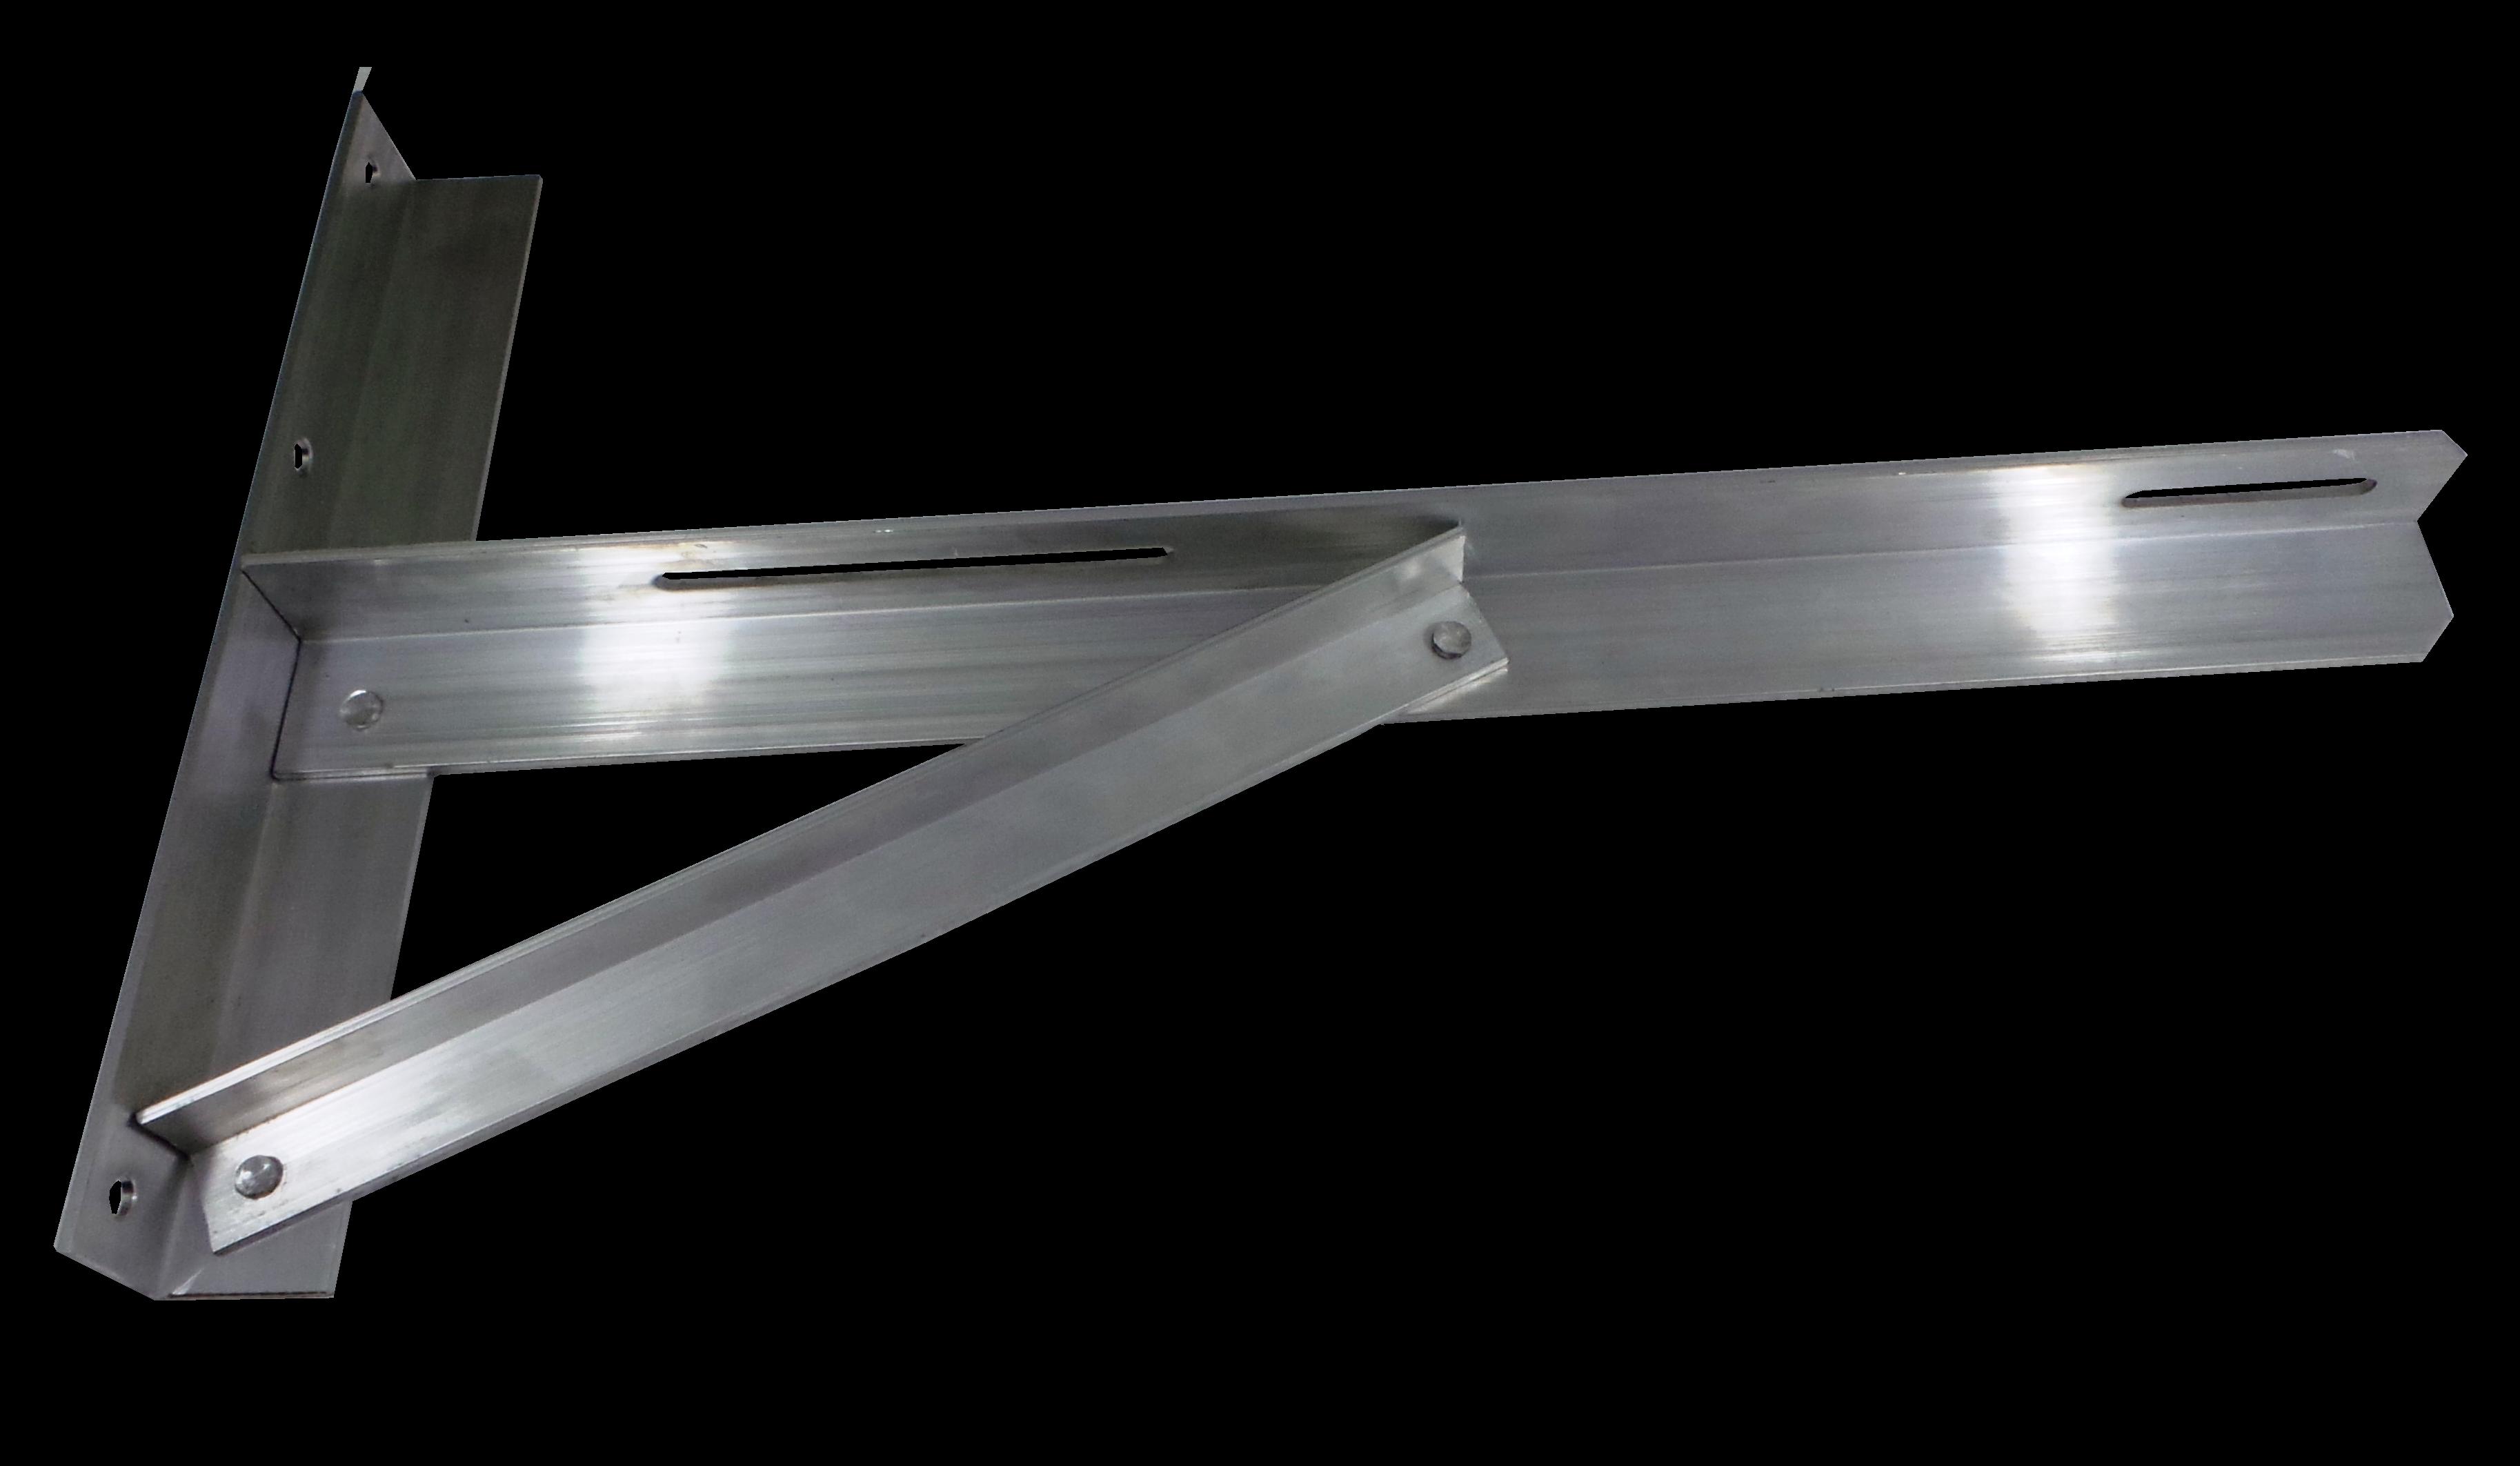 #517A7A  150 suporte para pranchas de surf e stand up su106 suporte surf ø 5 8 1456 Suporte Ar Condicionado Janela Aluminio